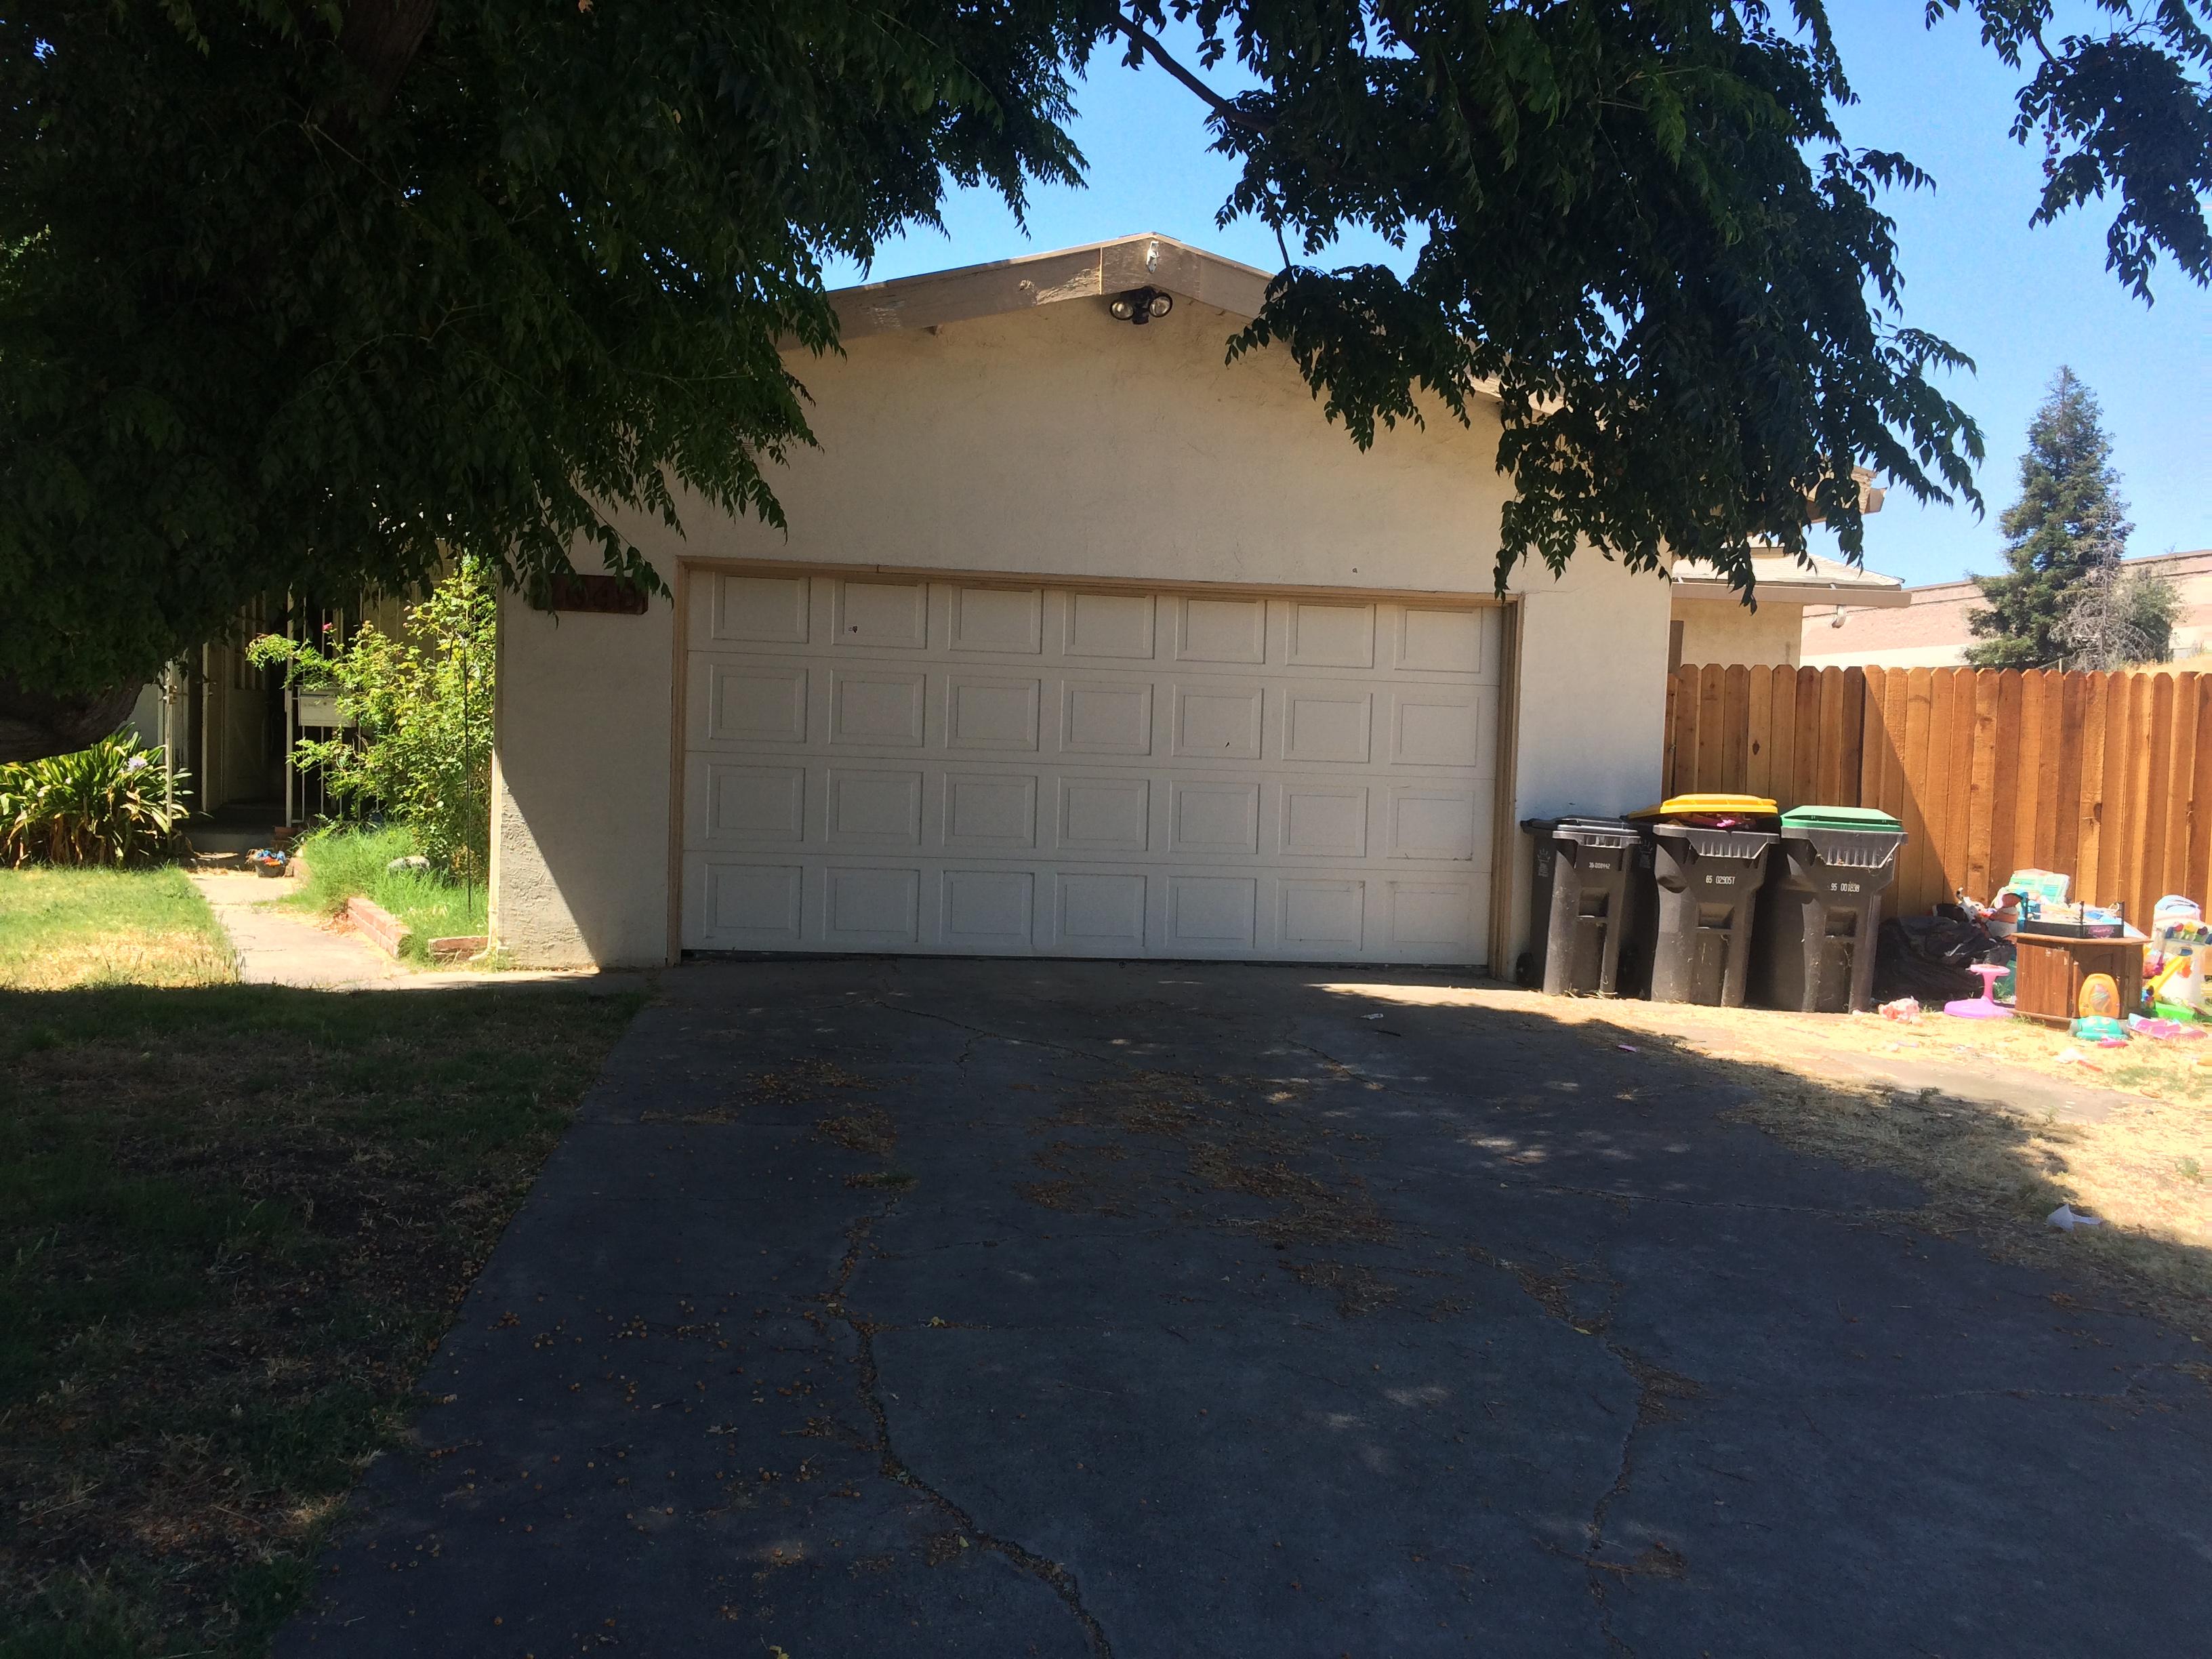 2649 W. Bristol Home for sale